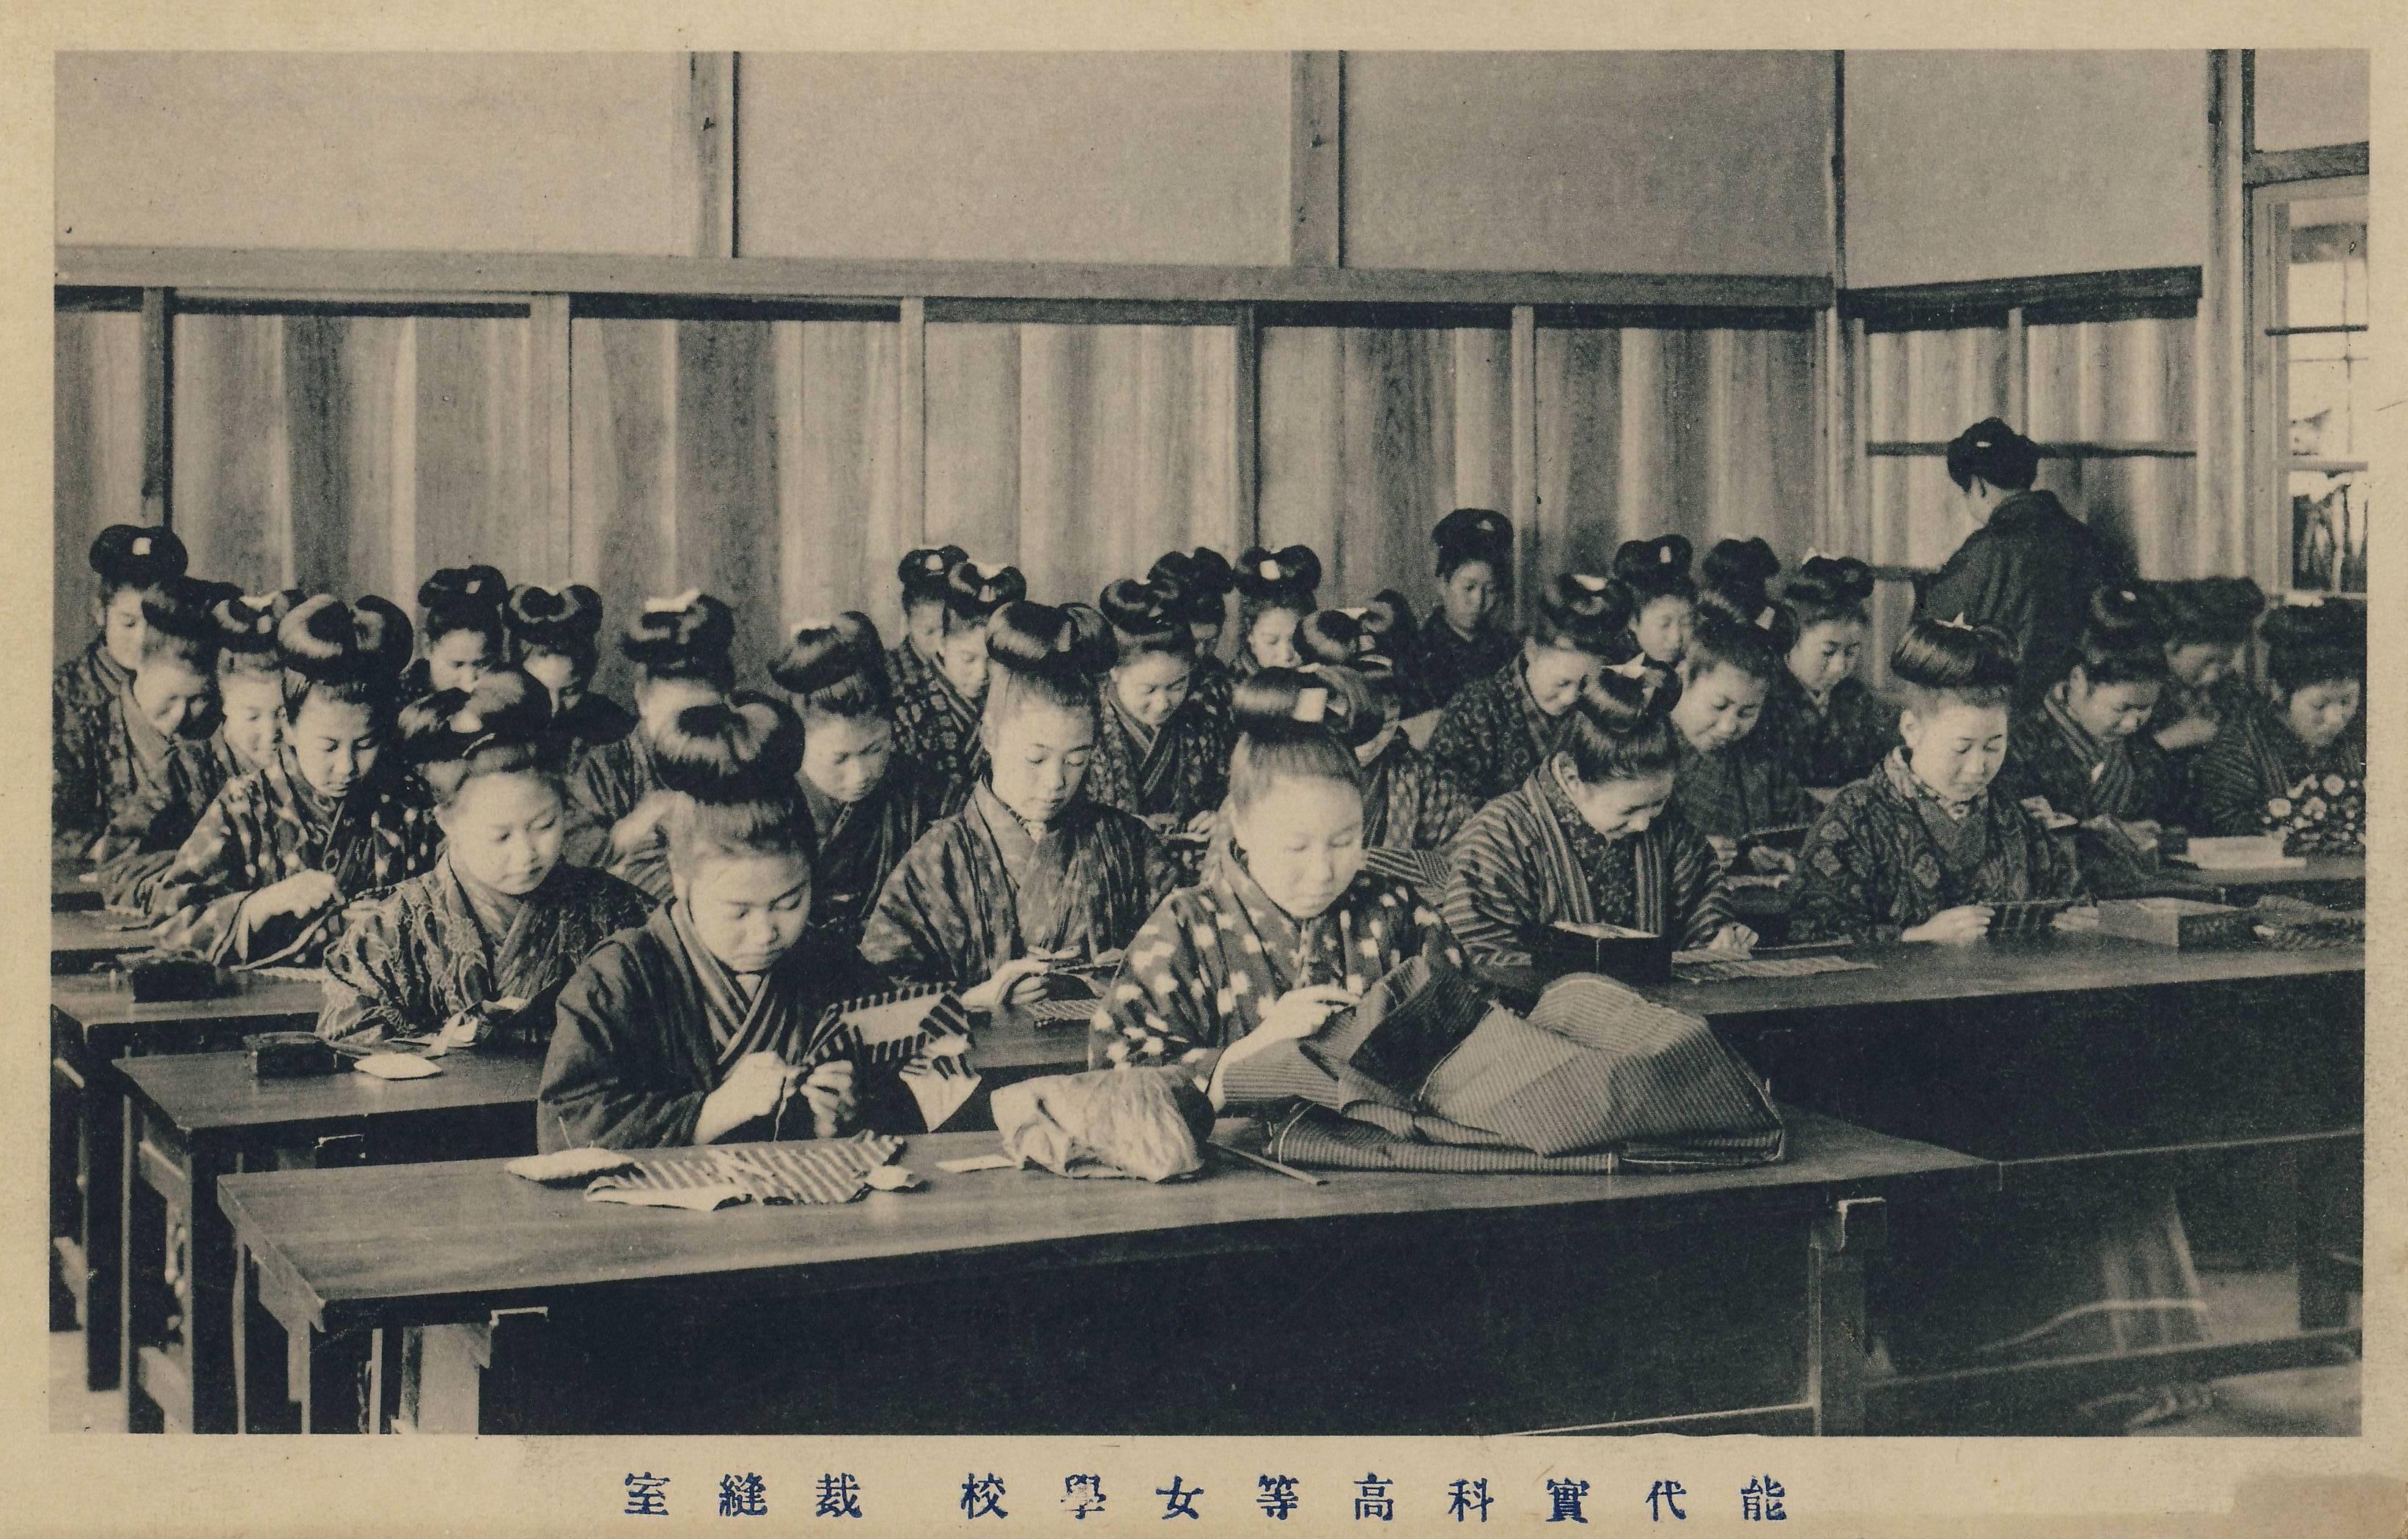 秋田県能代港町立能代実科高等女学校 裁縫室